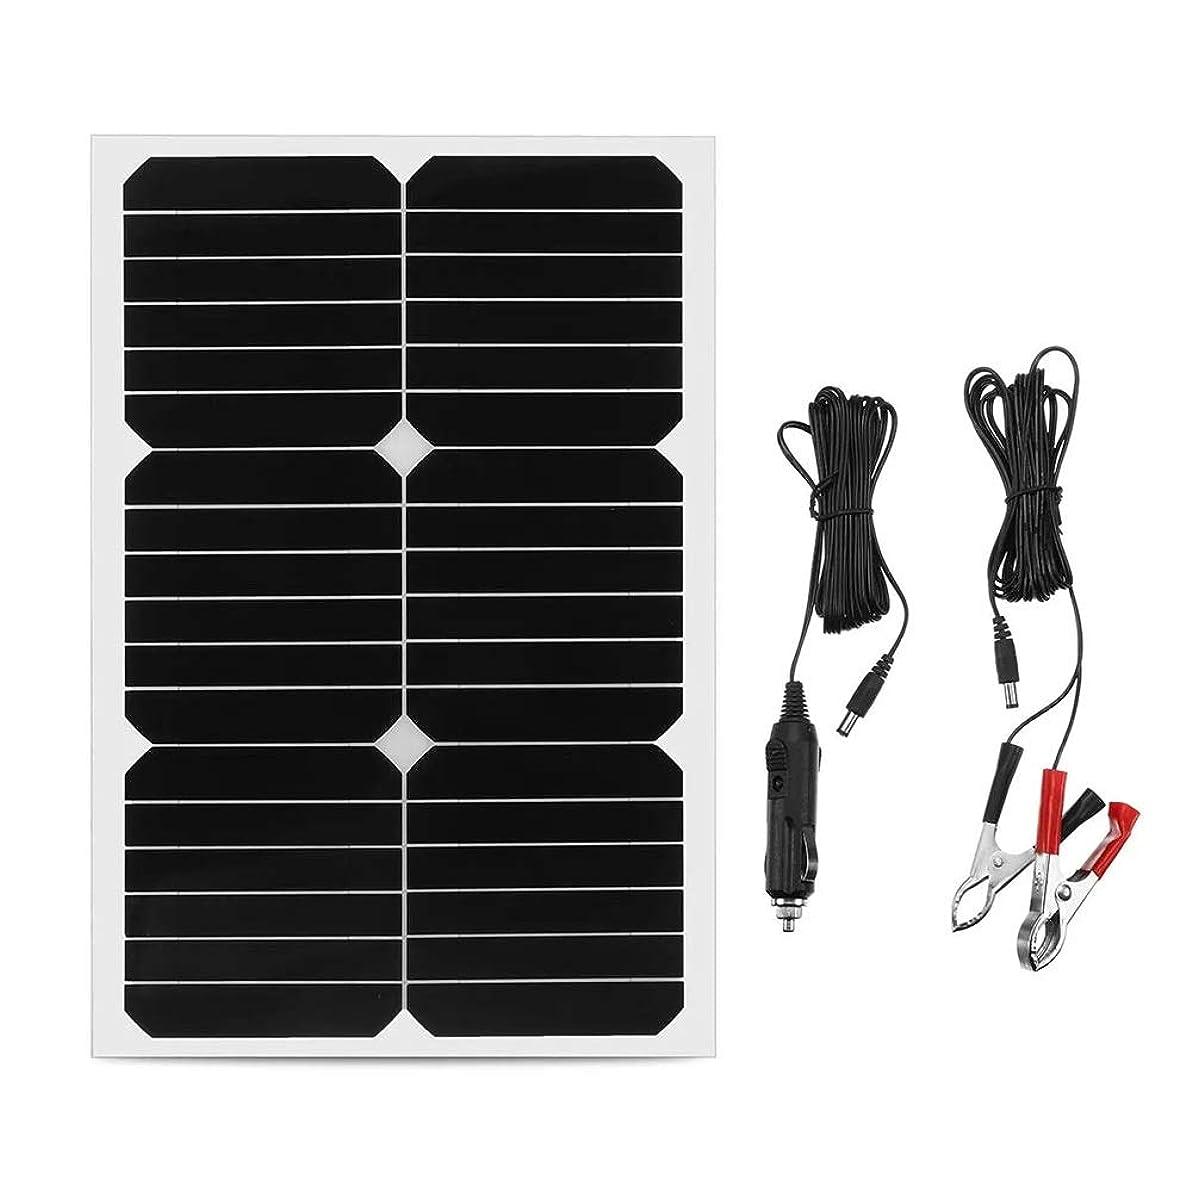 溶ける規定とても多くのソーラーパネル ソーラーパネル20W 12Vモノシリコンセミフレキシブルな太陽電池パネルのw /ケーブルワニクリップ検出器 (Color : Black, Size : 20W)